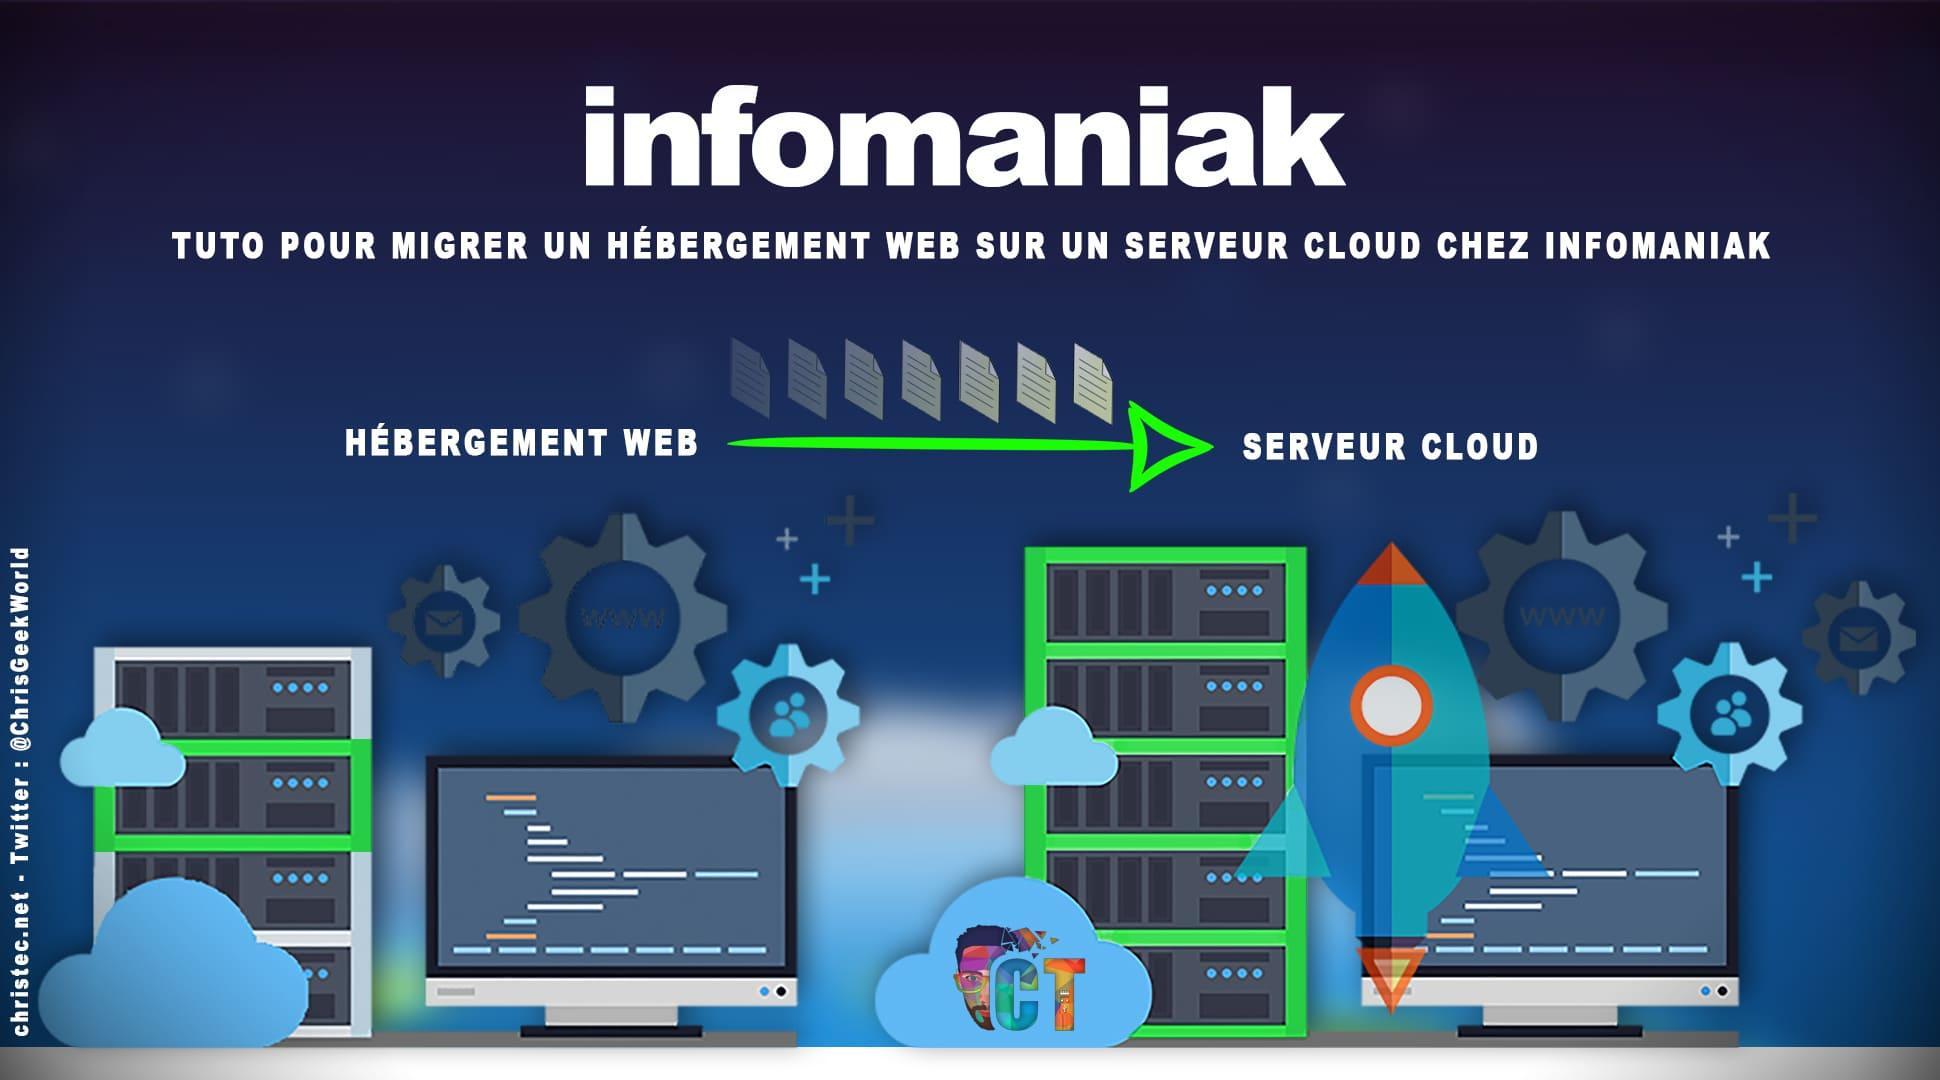 image en-tête tuto pour migrer un hébergement web sur un serveur cloud chez infomaniak